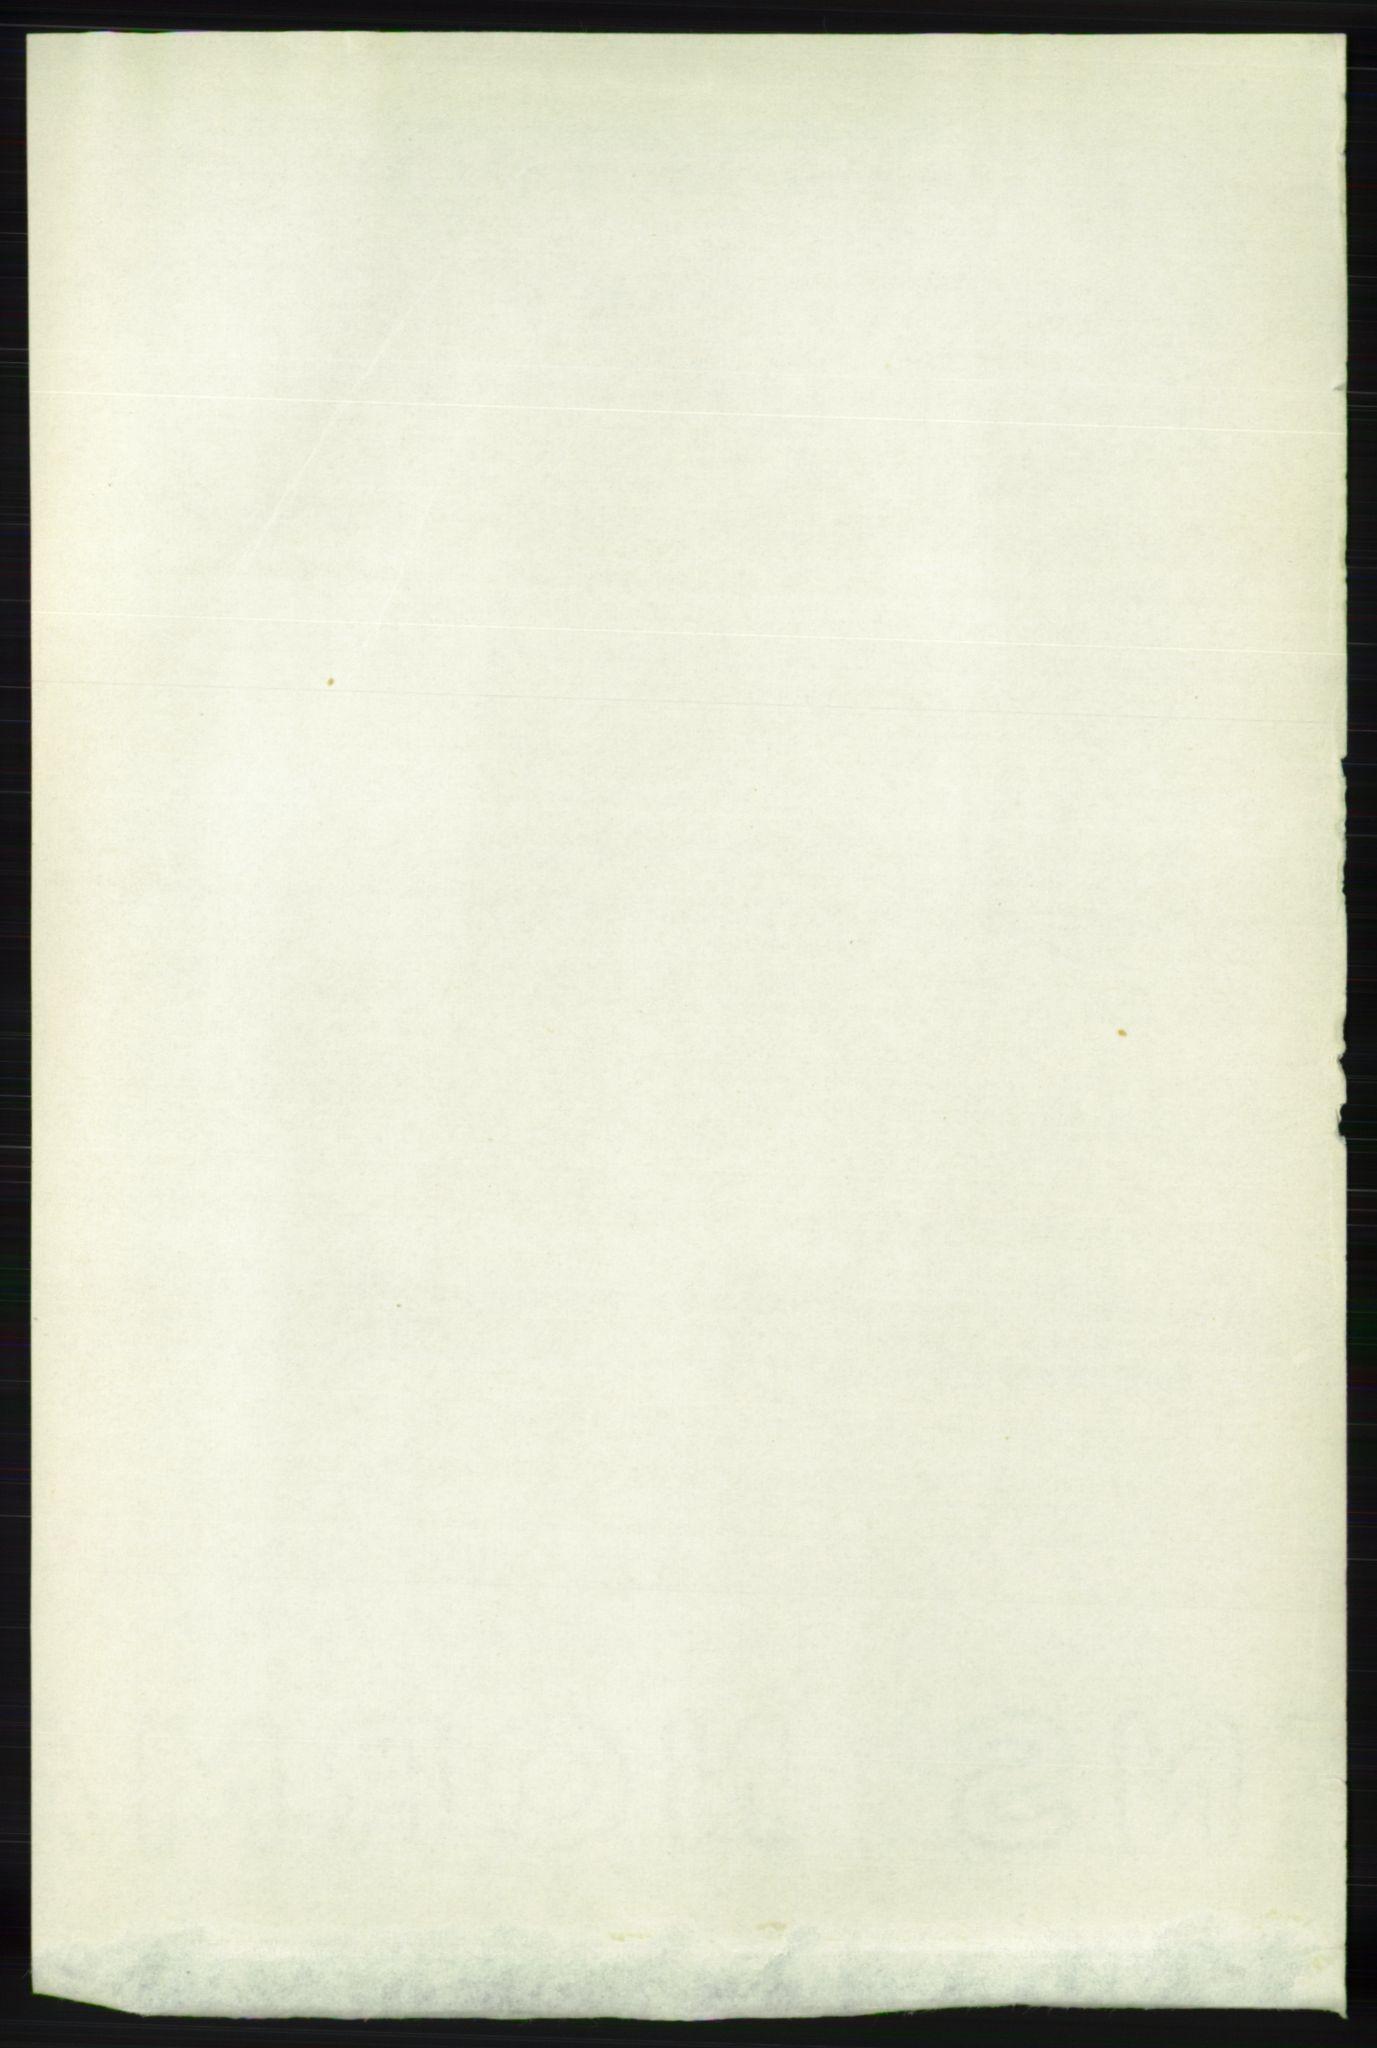 RA, Folketelling 1891 for 1041 Vanse herred, 1891, s. 463